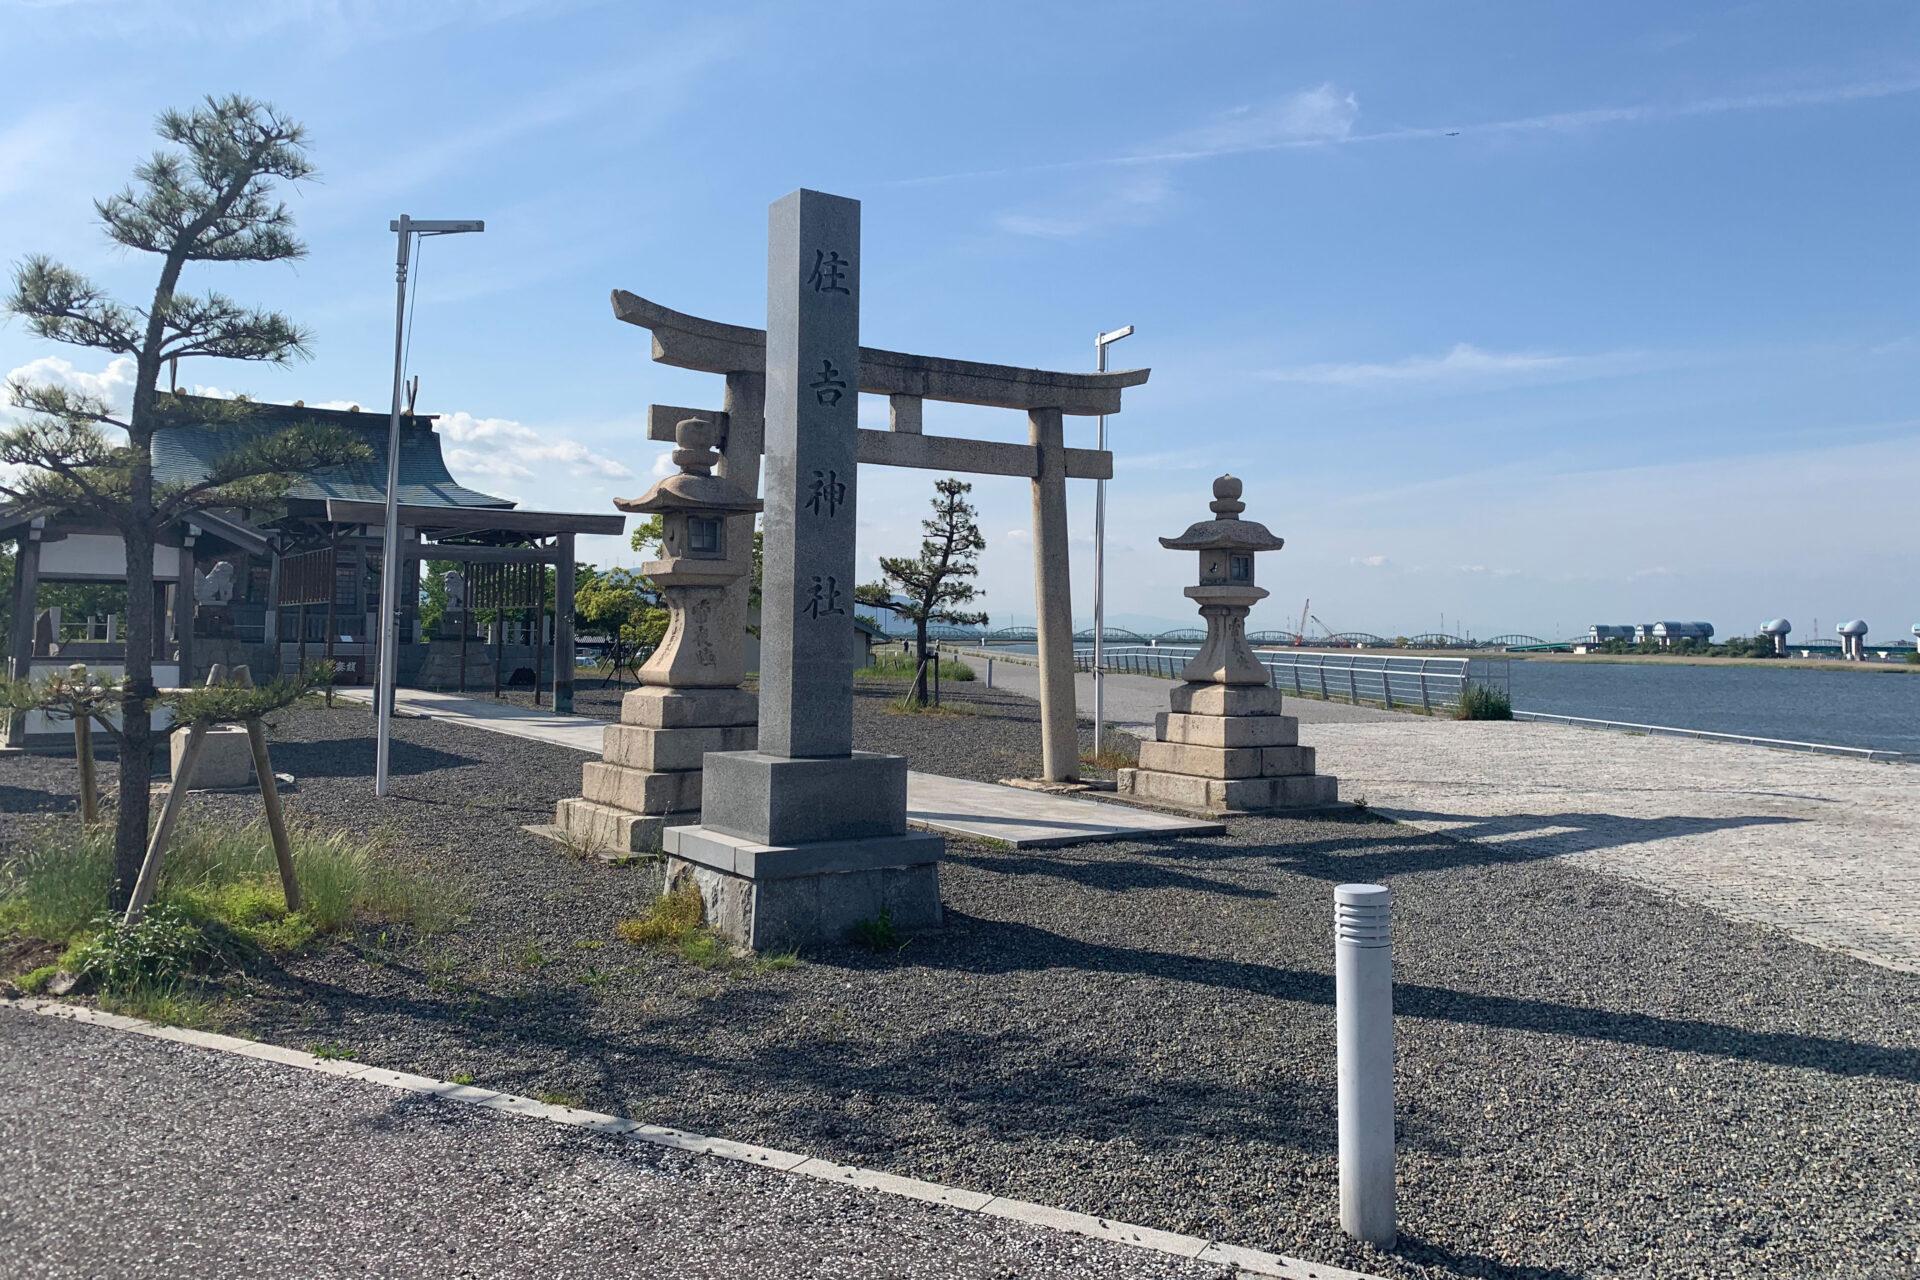 桑名・富田でのポケモンGOウォークで楽しみながらの積極的休養